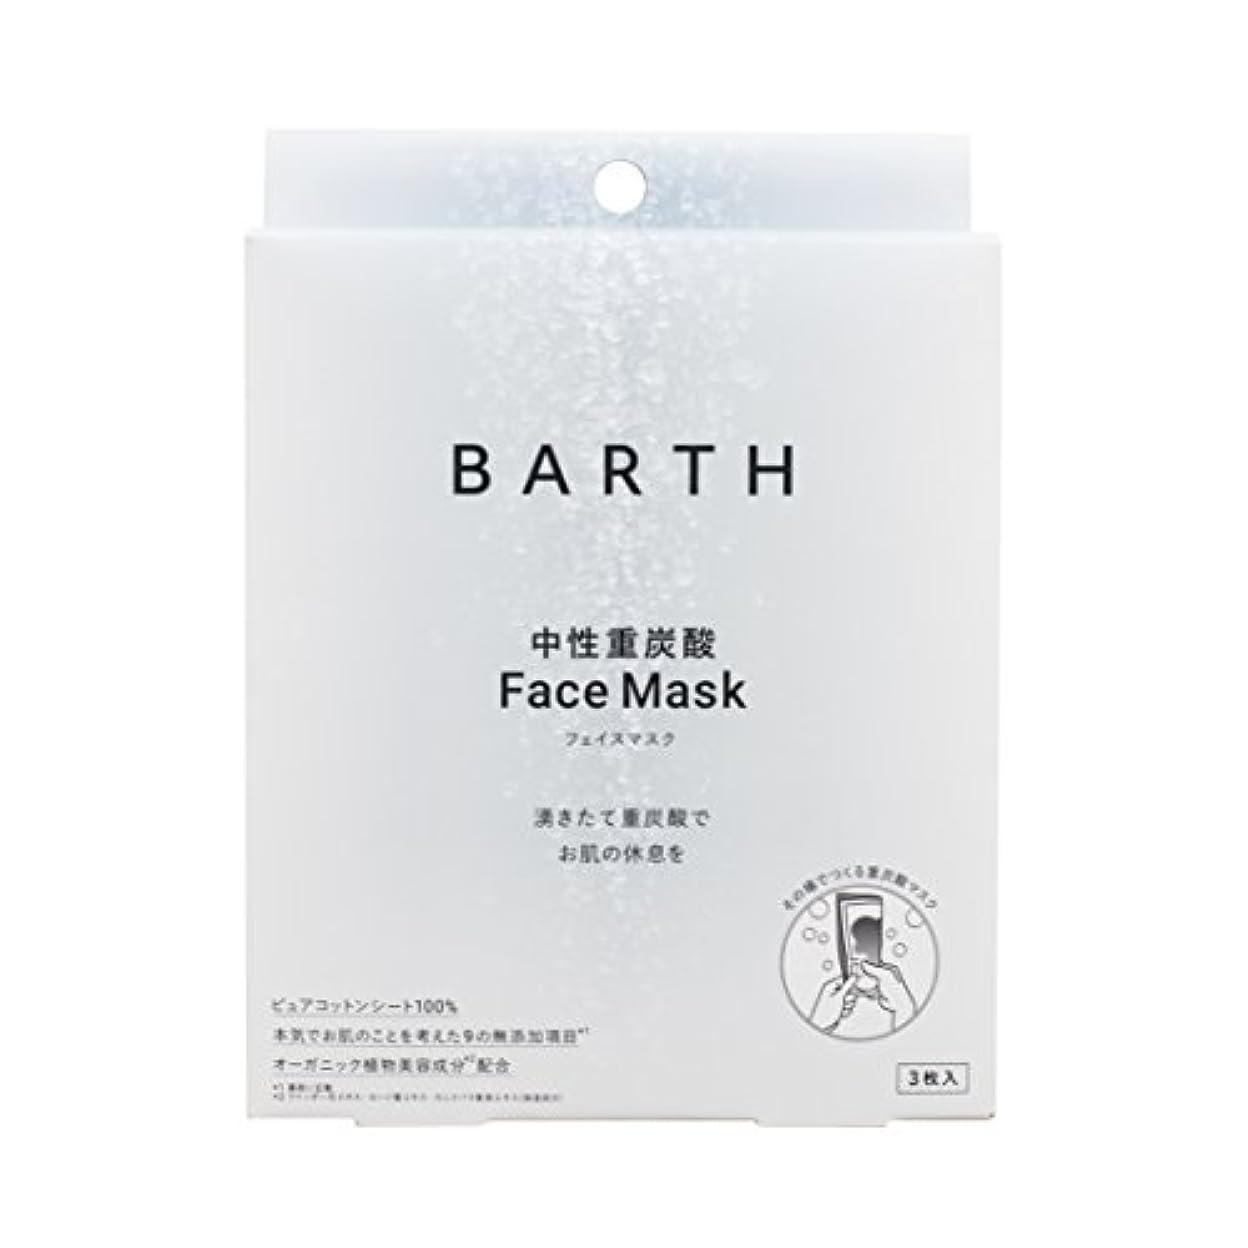 投げる思い出させる穴BARTH【バース】 中性 重炭酸 フェイスマスク (無添加 日本製 ピュアコットン 100% オーガニック植物美容成分3種入り) (3包入り)